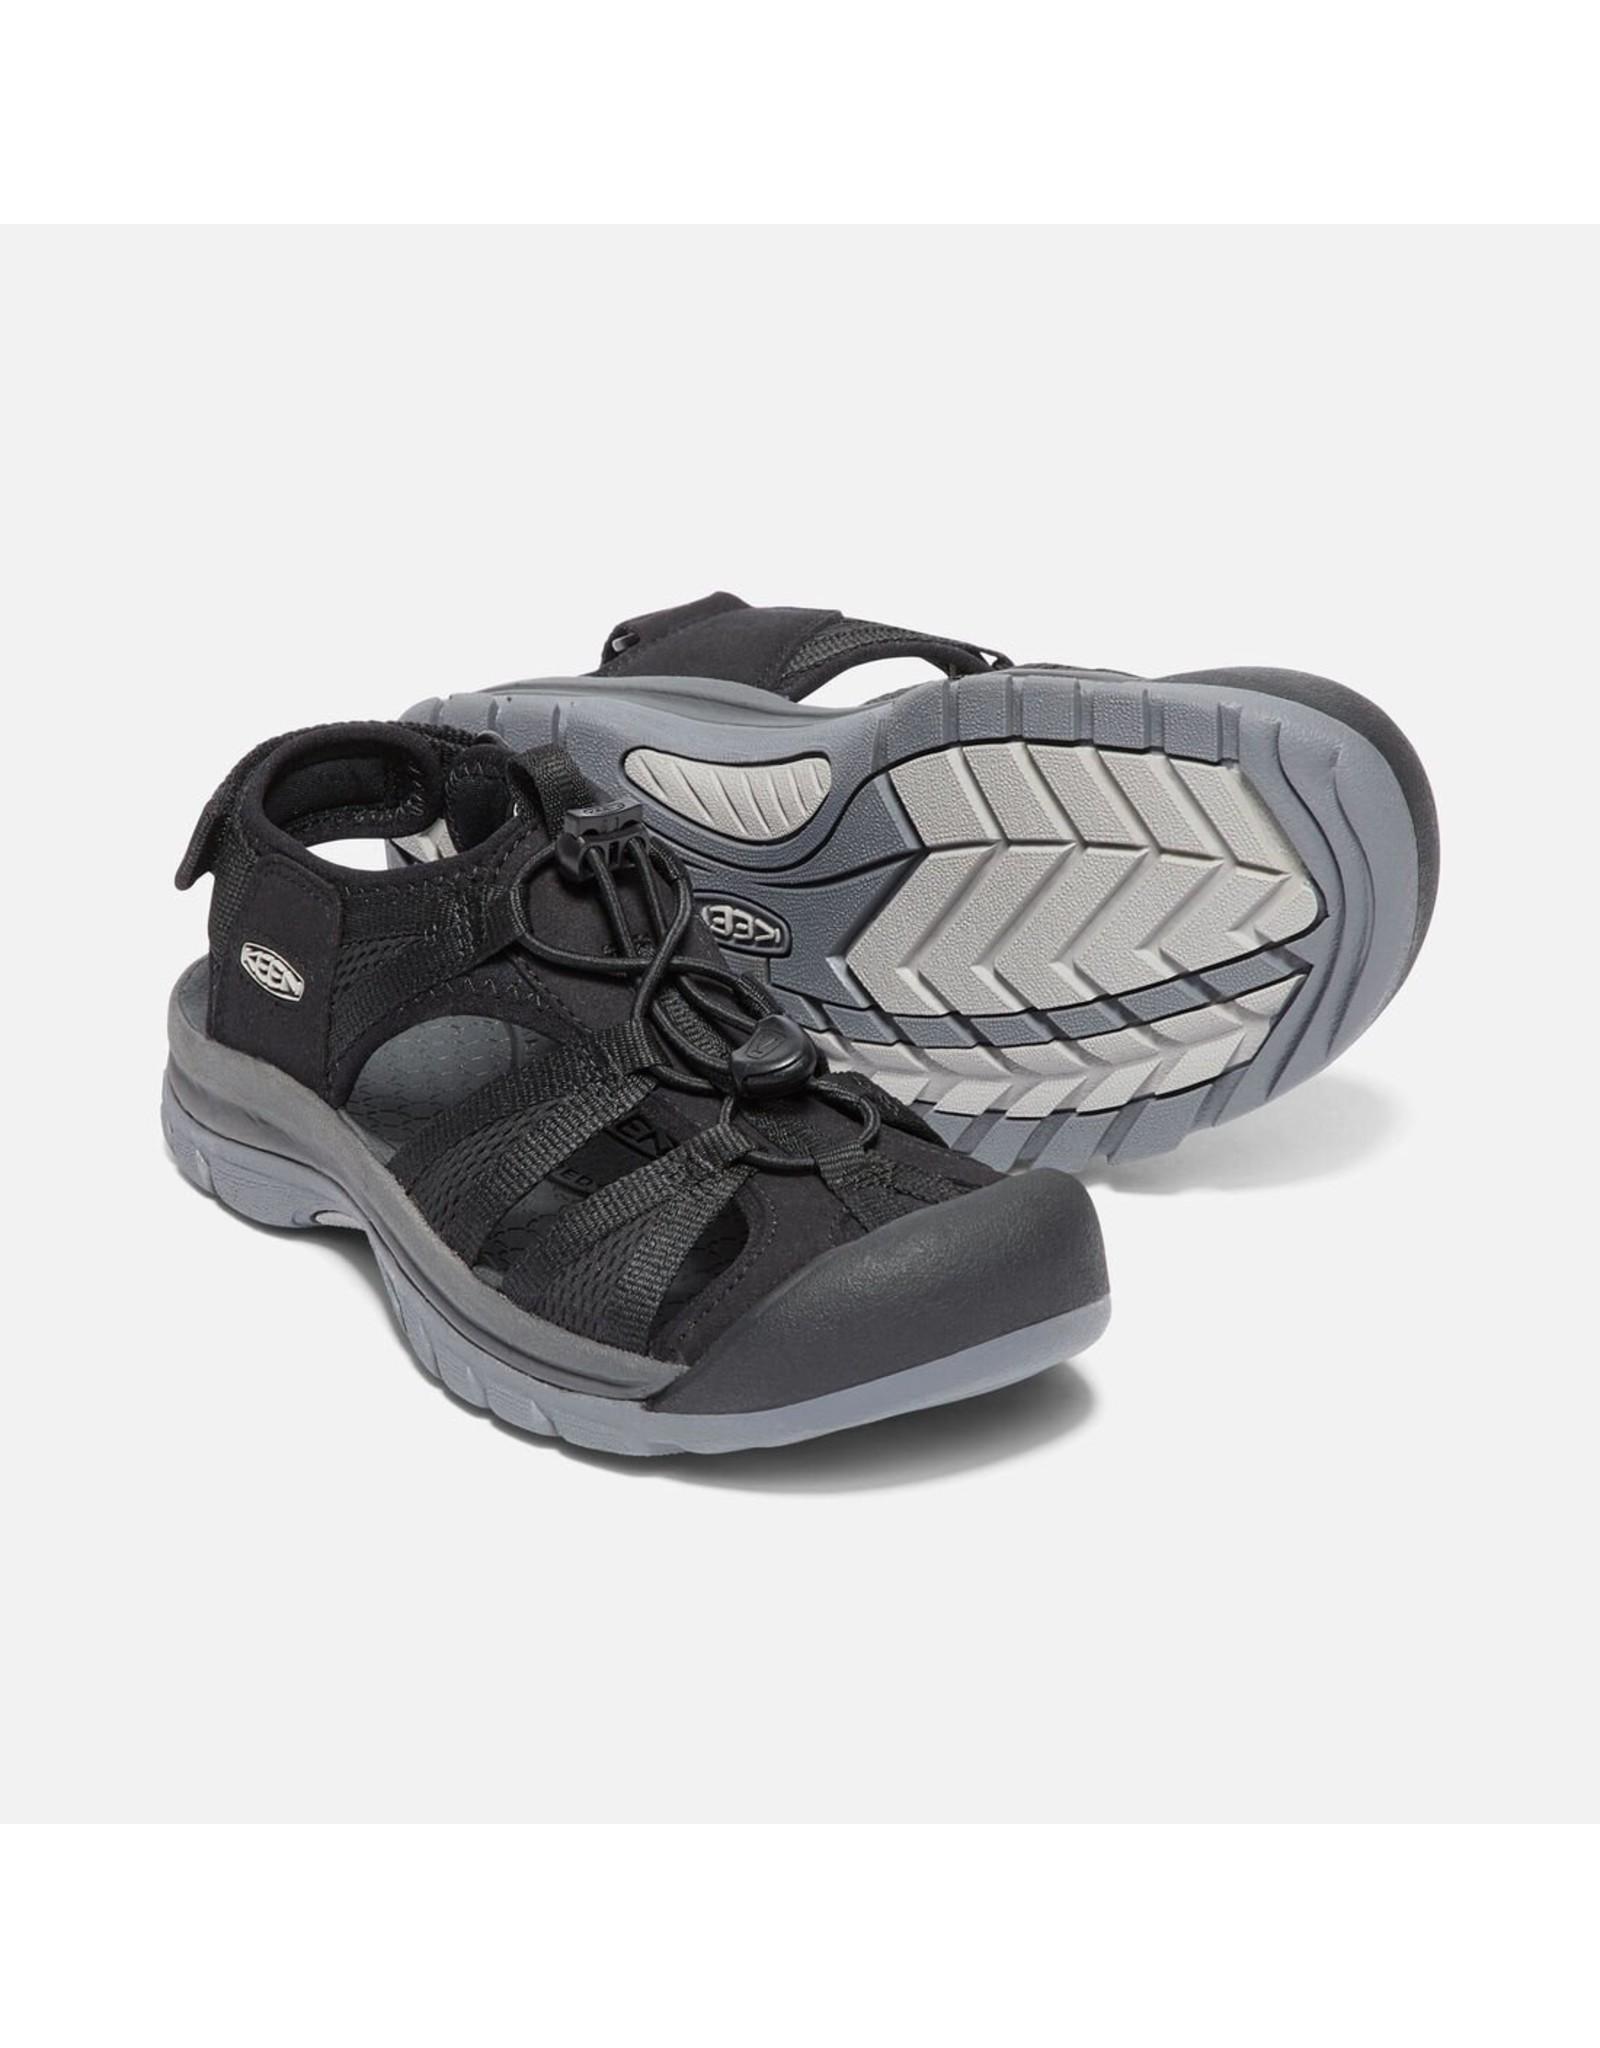 Keen Women's Venice Sandal - 20ps